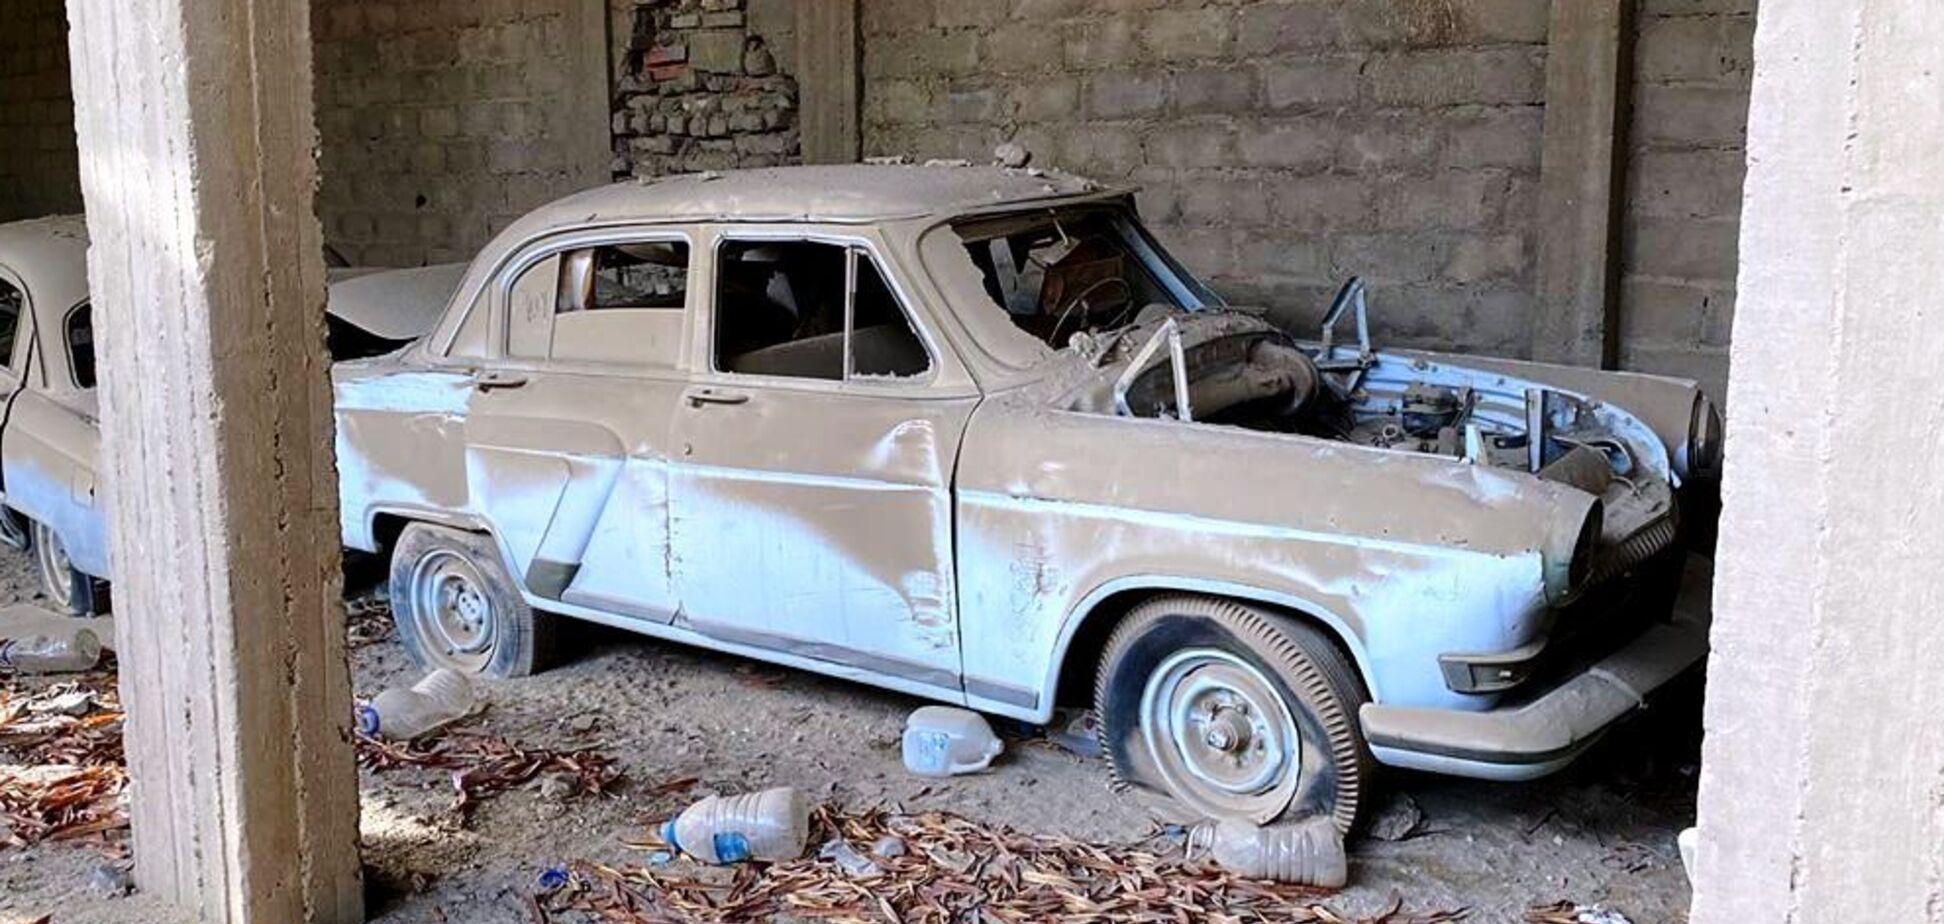 Старые ГАЗ-21 почему-то оказались в Саудовской Аравии. Фото: carakoom.com